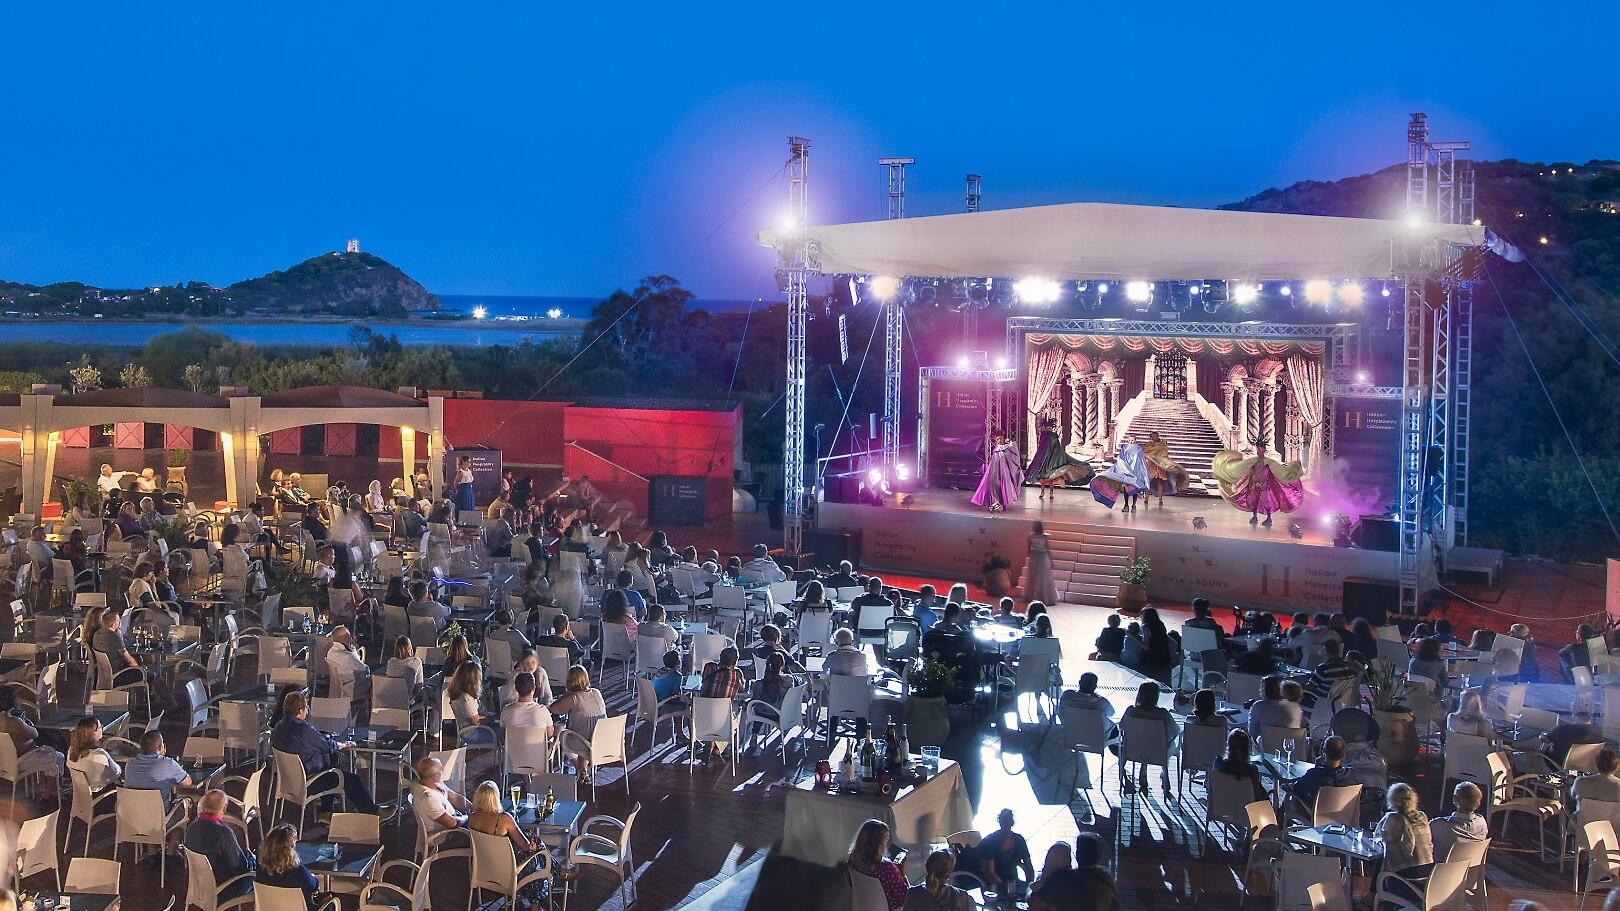 https://www.chialagunaresort.com/wp-content/uploads/2021/05/IHC_Chia-Laguna-Resort_grid_evening.jpg